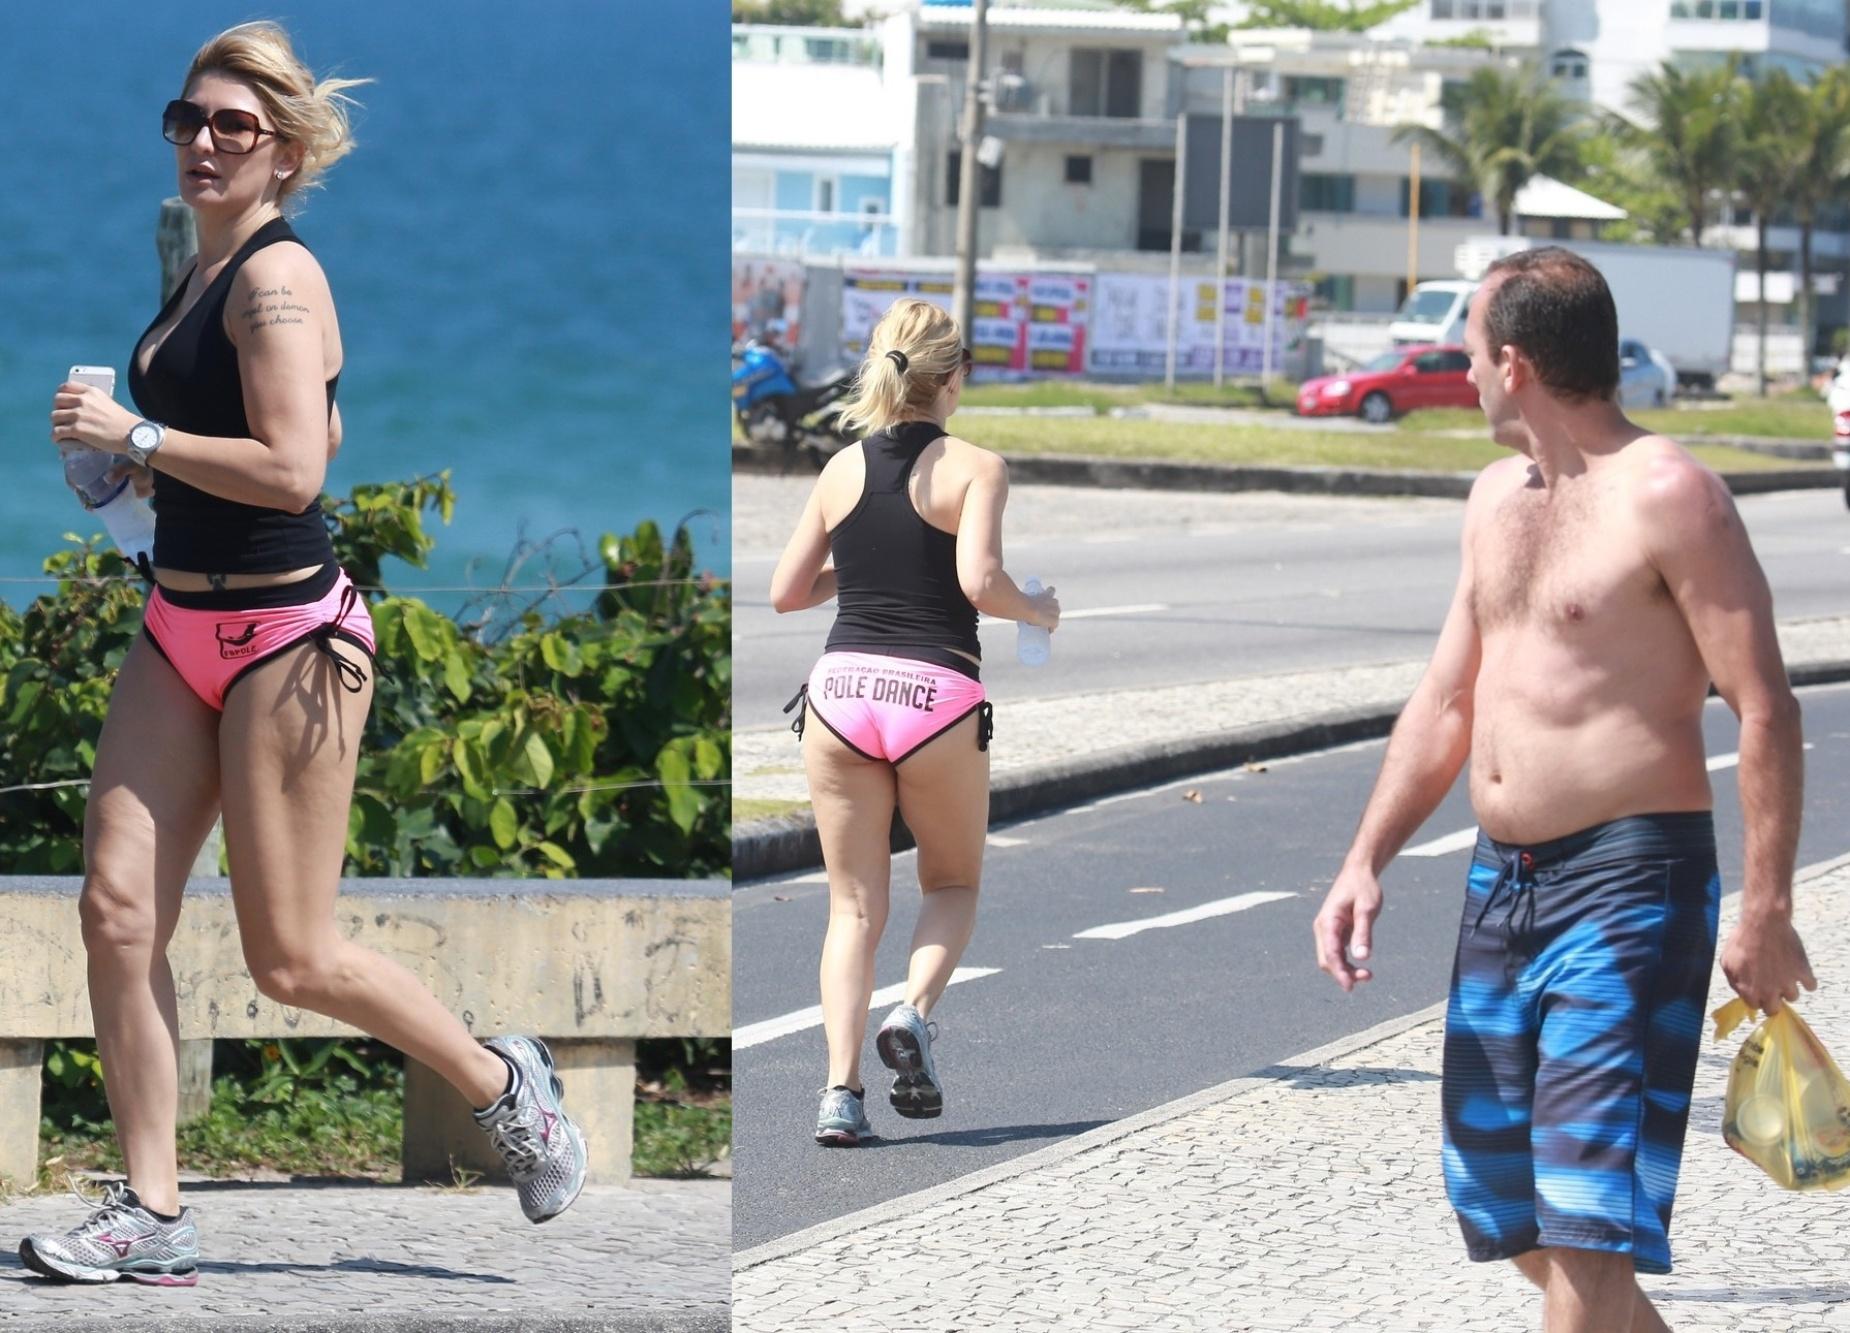 02.set.2014- Antonia Fontenelle corre na praia da Barra da Tijuca, no Rio, com microshort e recebe olhada indiscreta